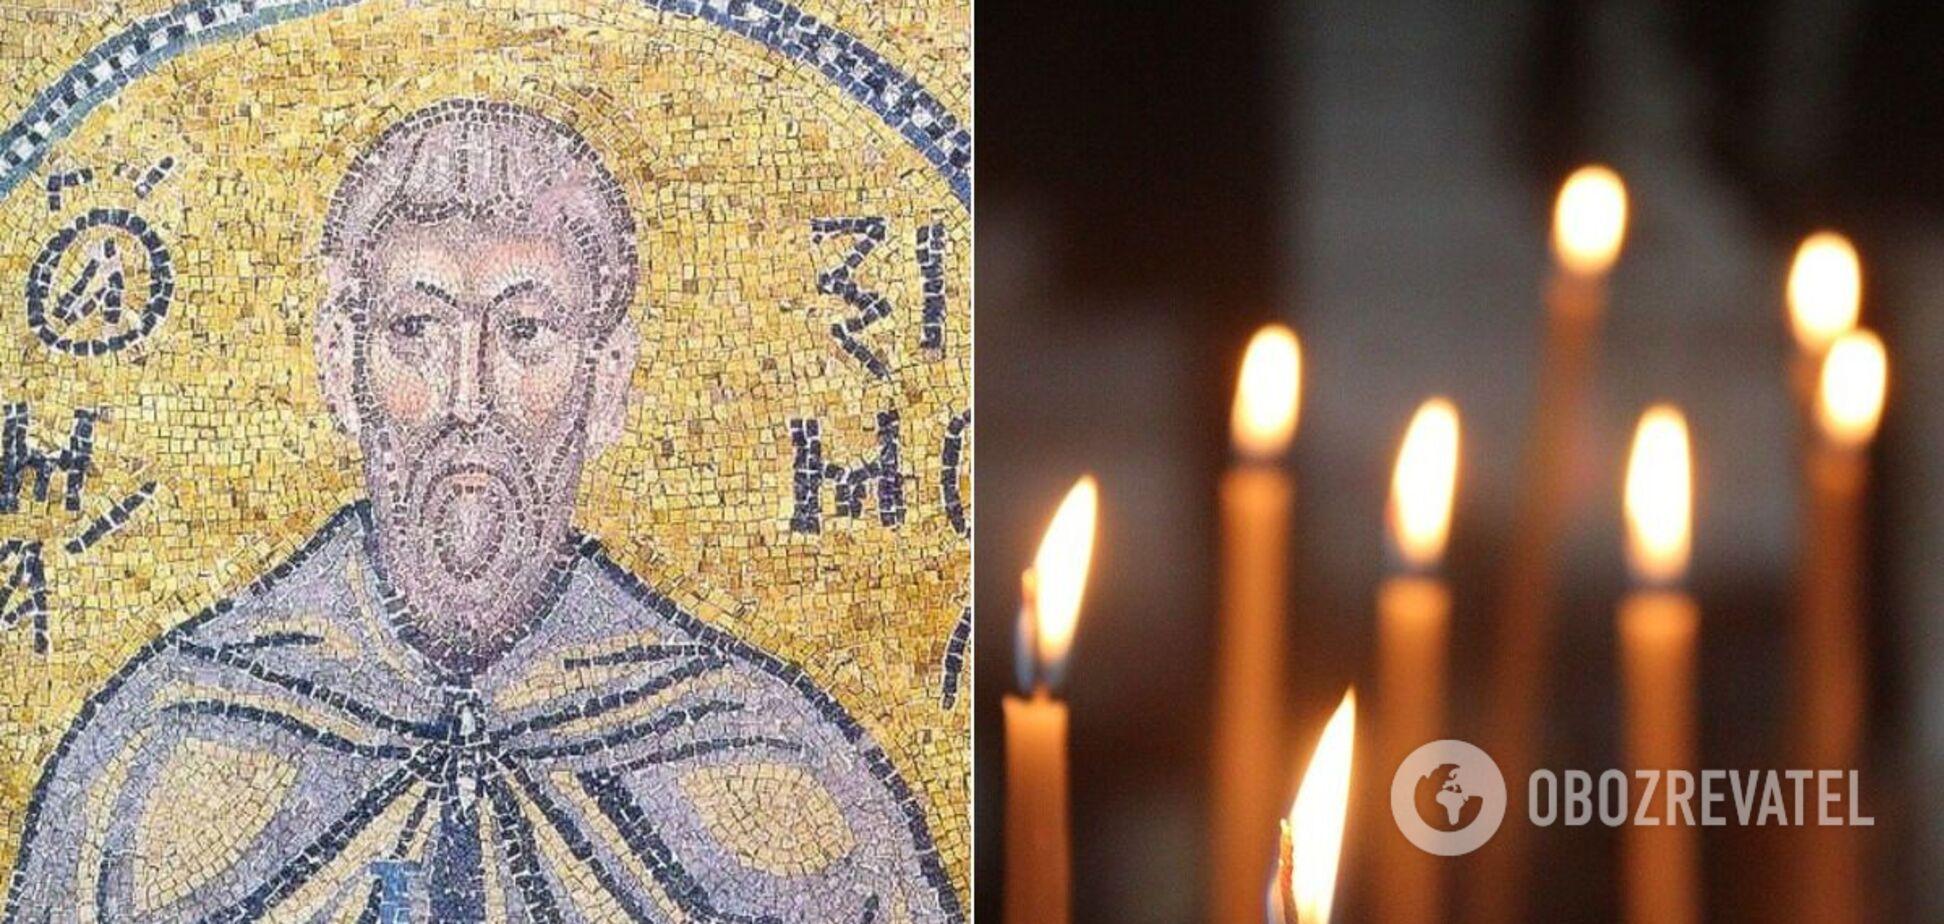 3 лютого варто помолитися святому про мир і допомогу у важкій ситуації